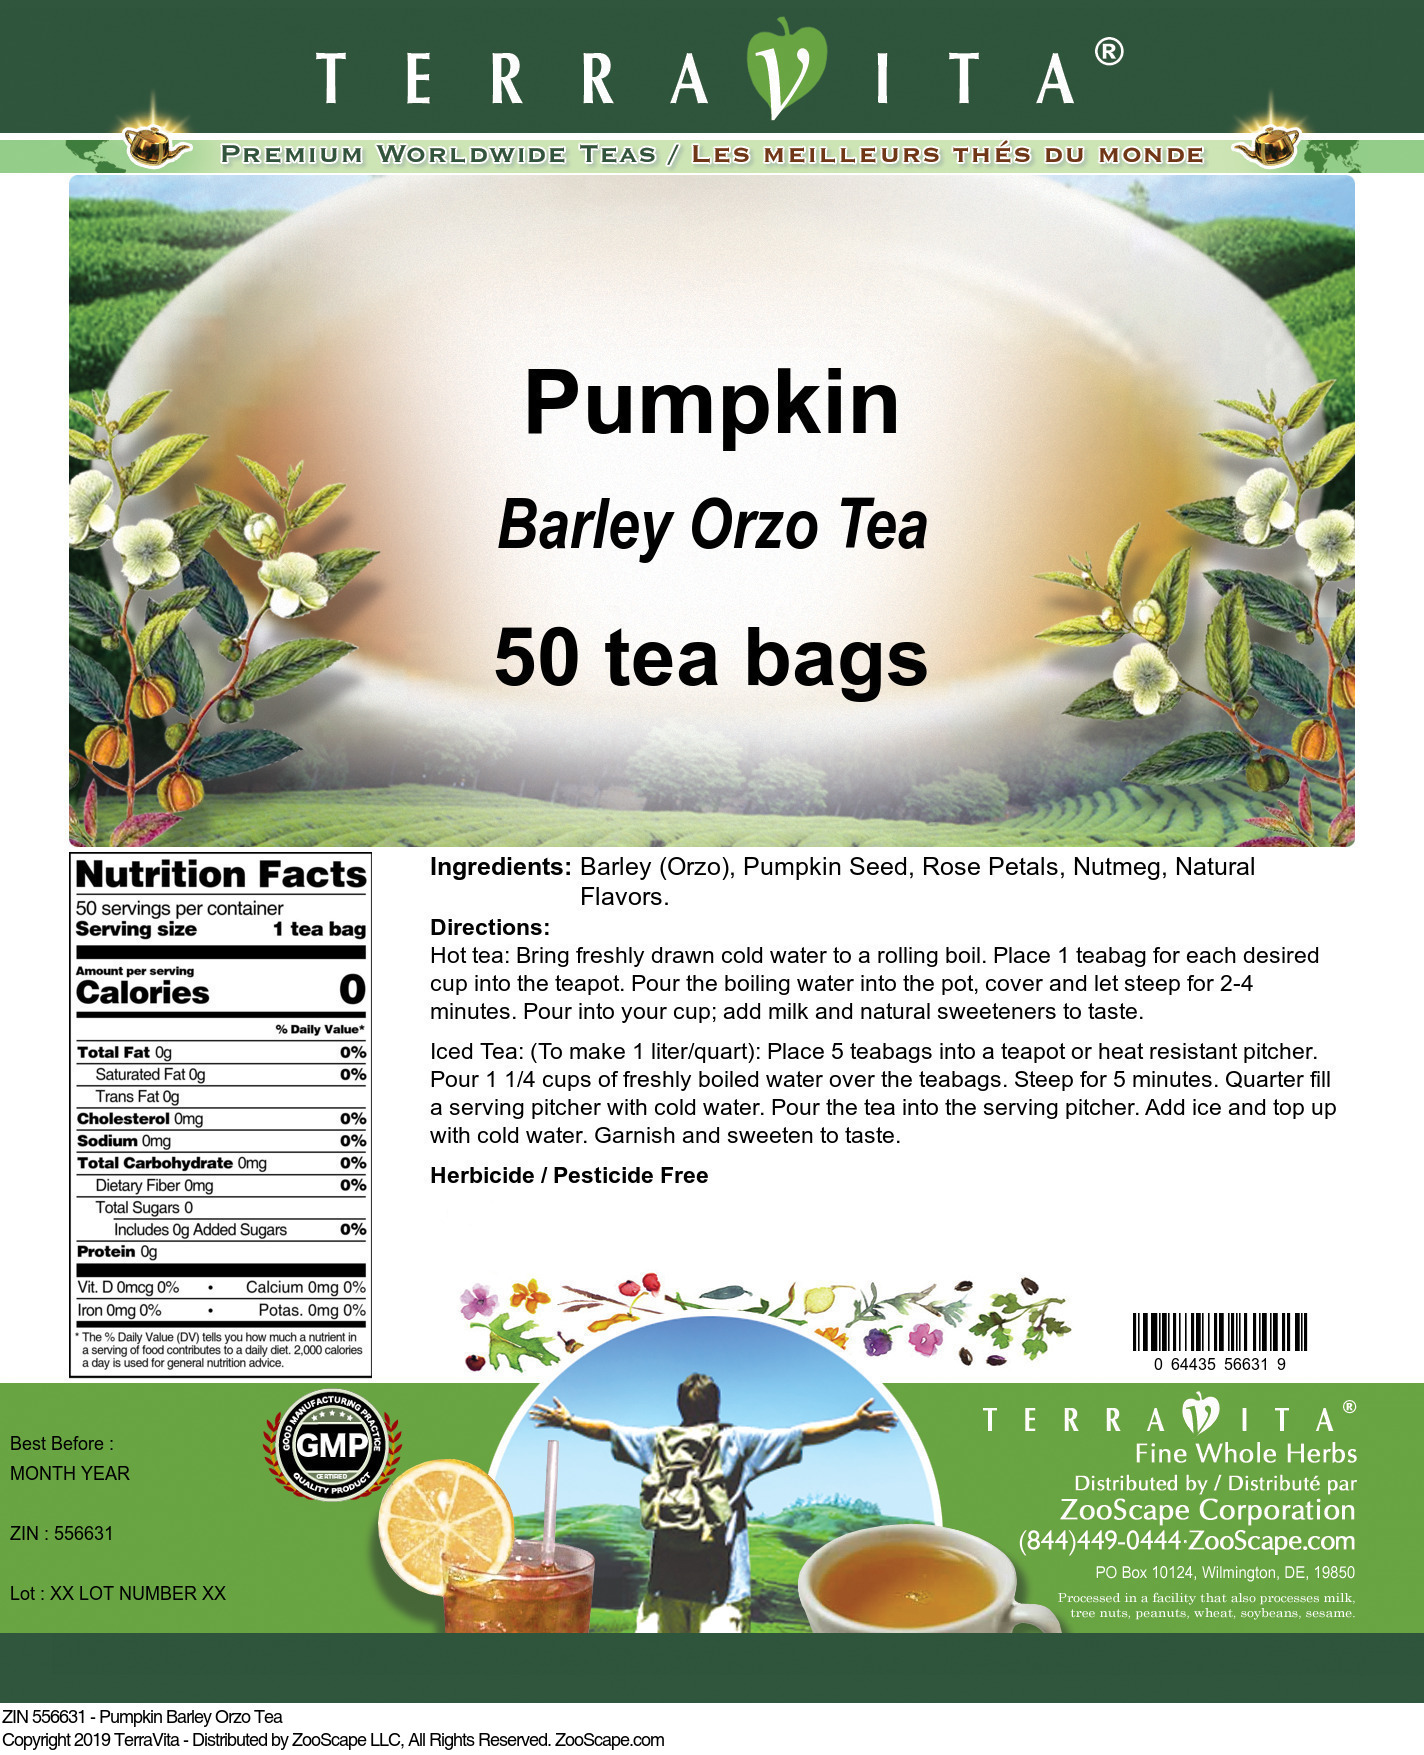 Pumpkin Barley Orzo Tea